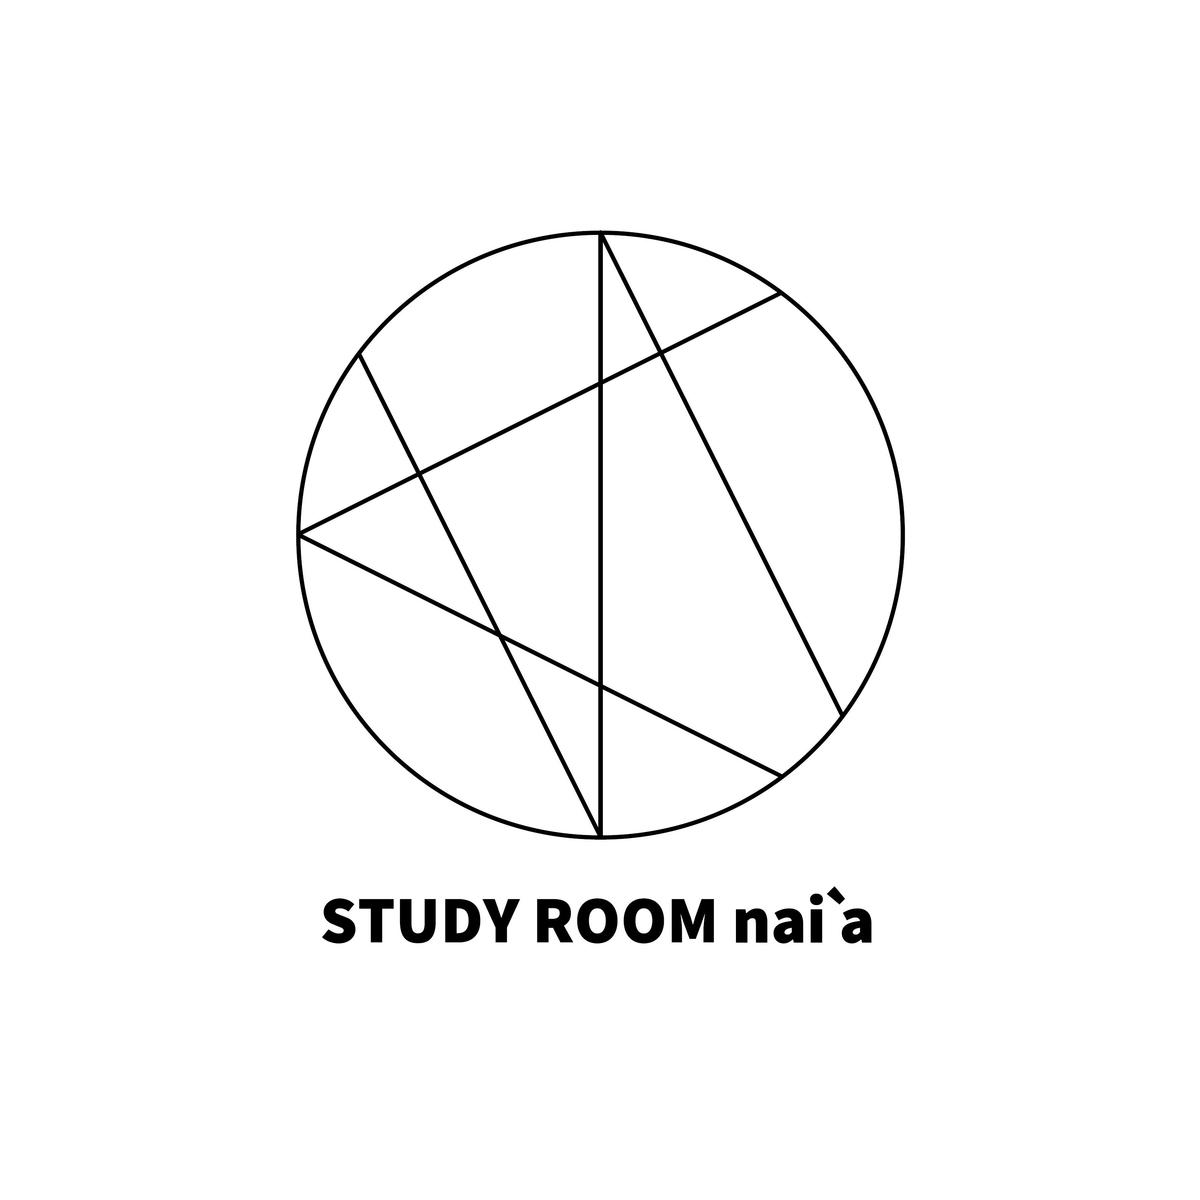 f:id:studyroomnaia:20210903194547j:plain